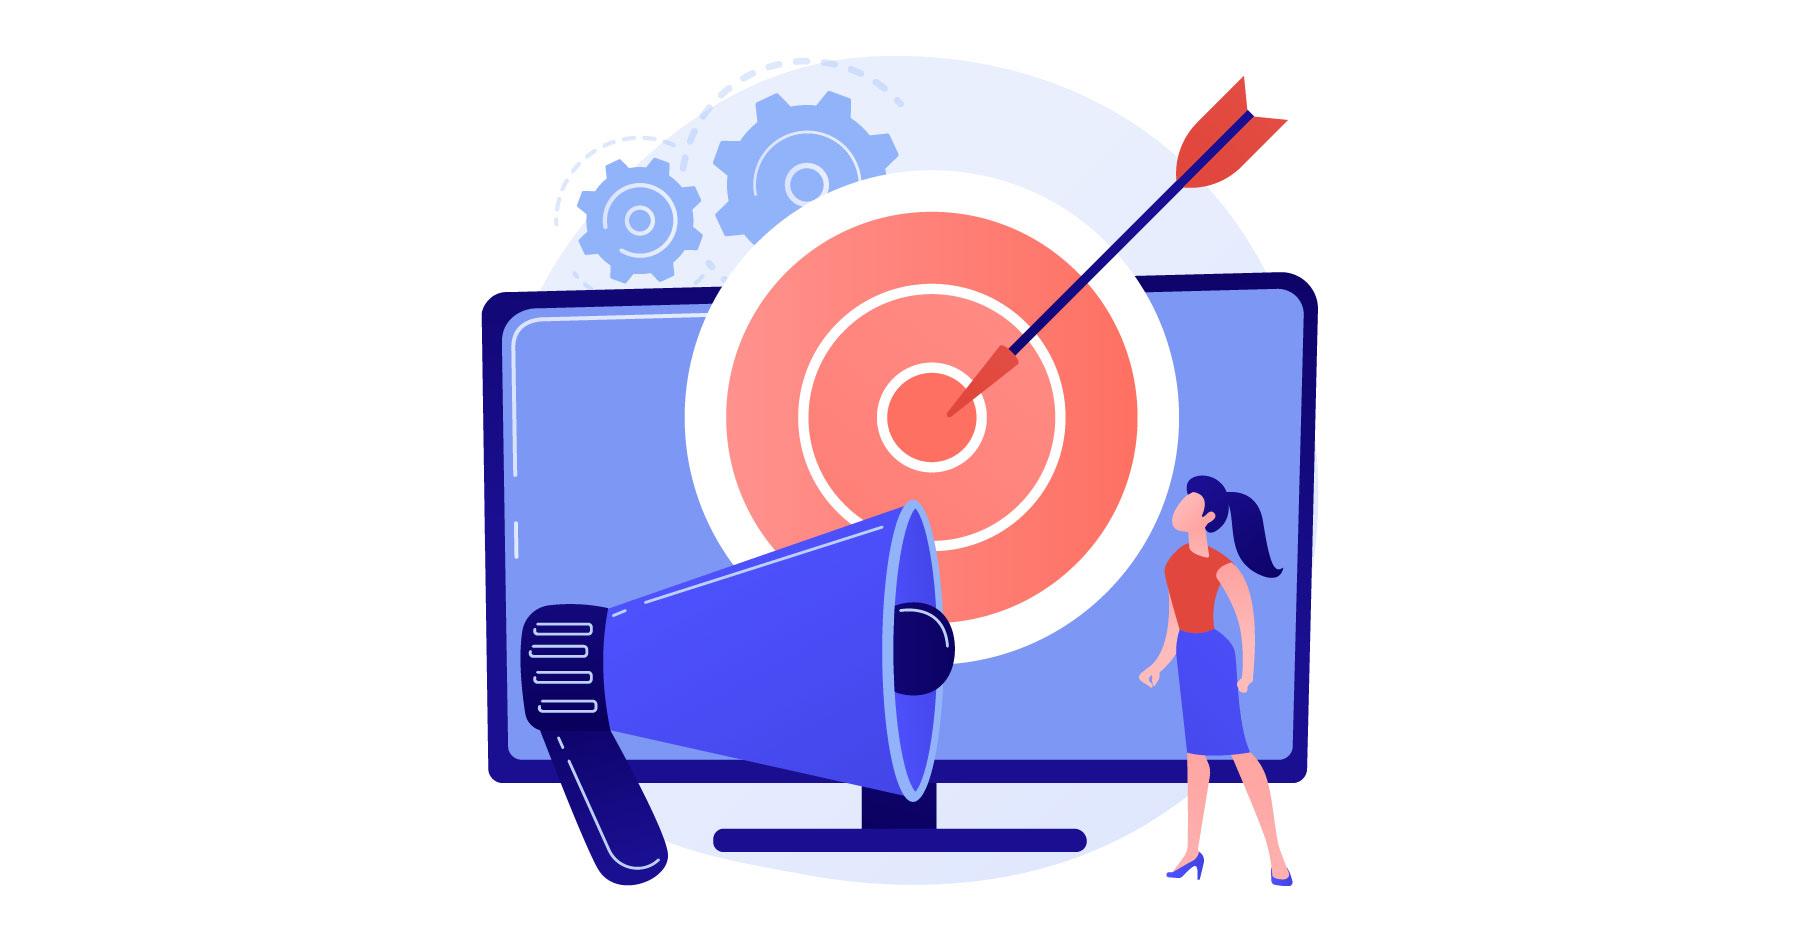 AdTech, herramientas para gestionar campañas publicitarias